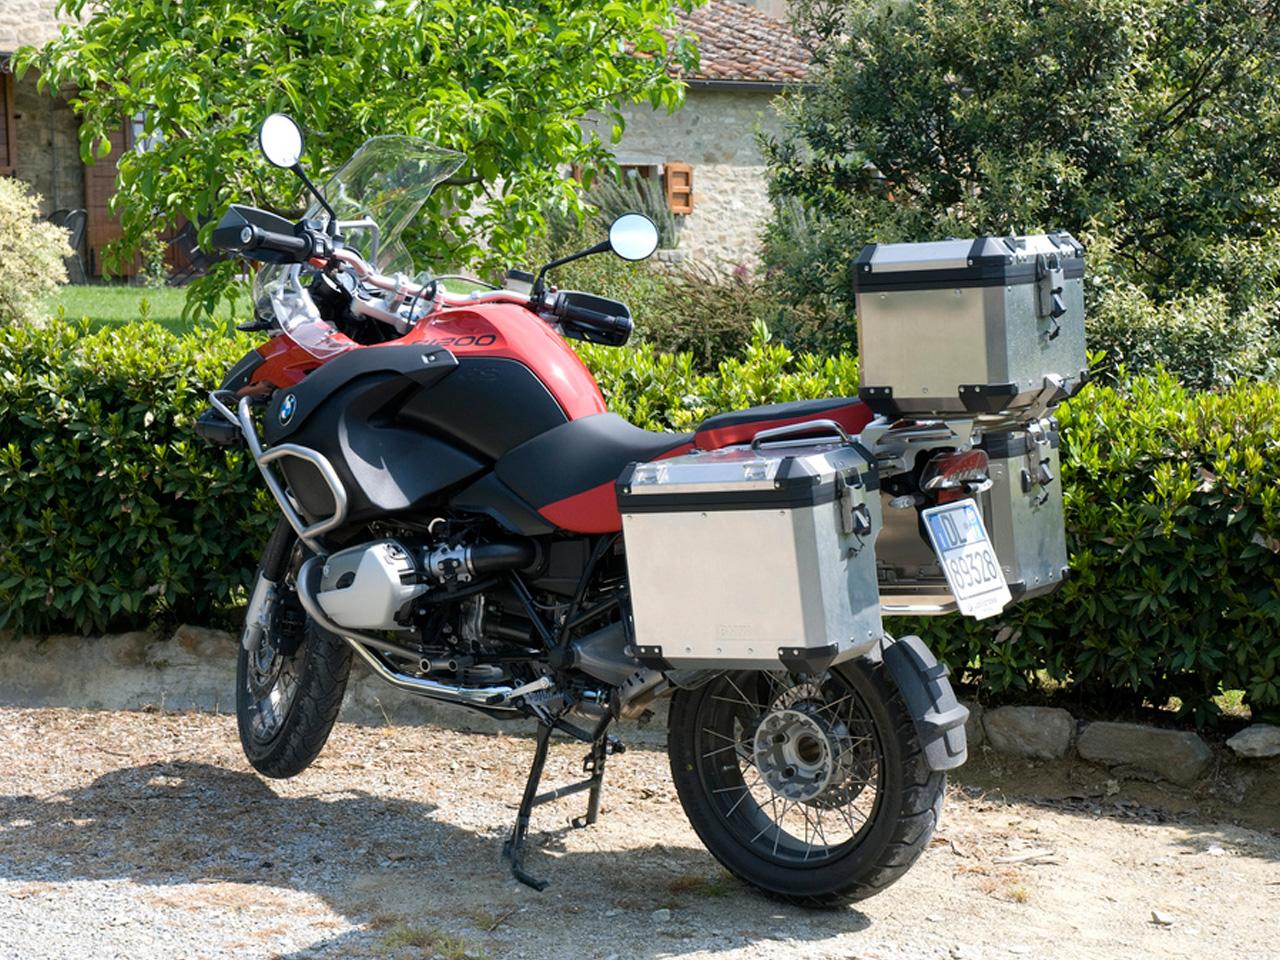 【宝马bmw R1200gs Adventure摩托车图片】 摩托车图片库 摩托车之家